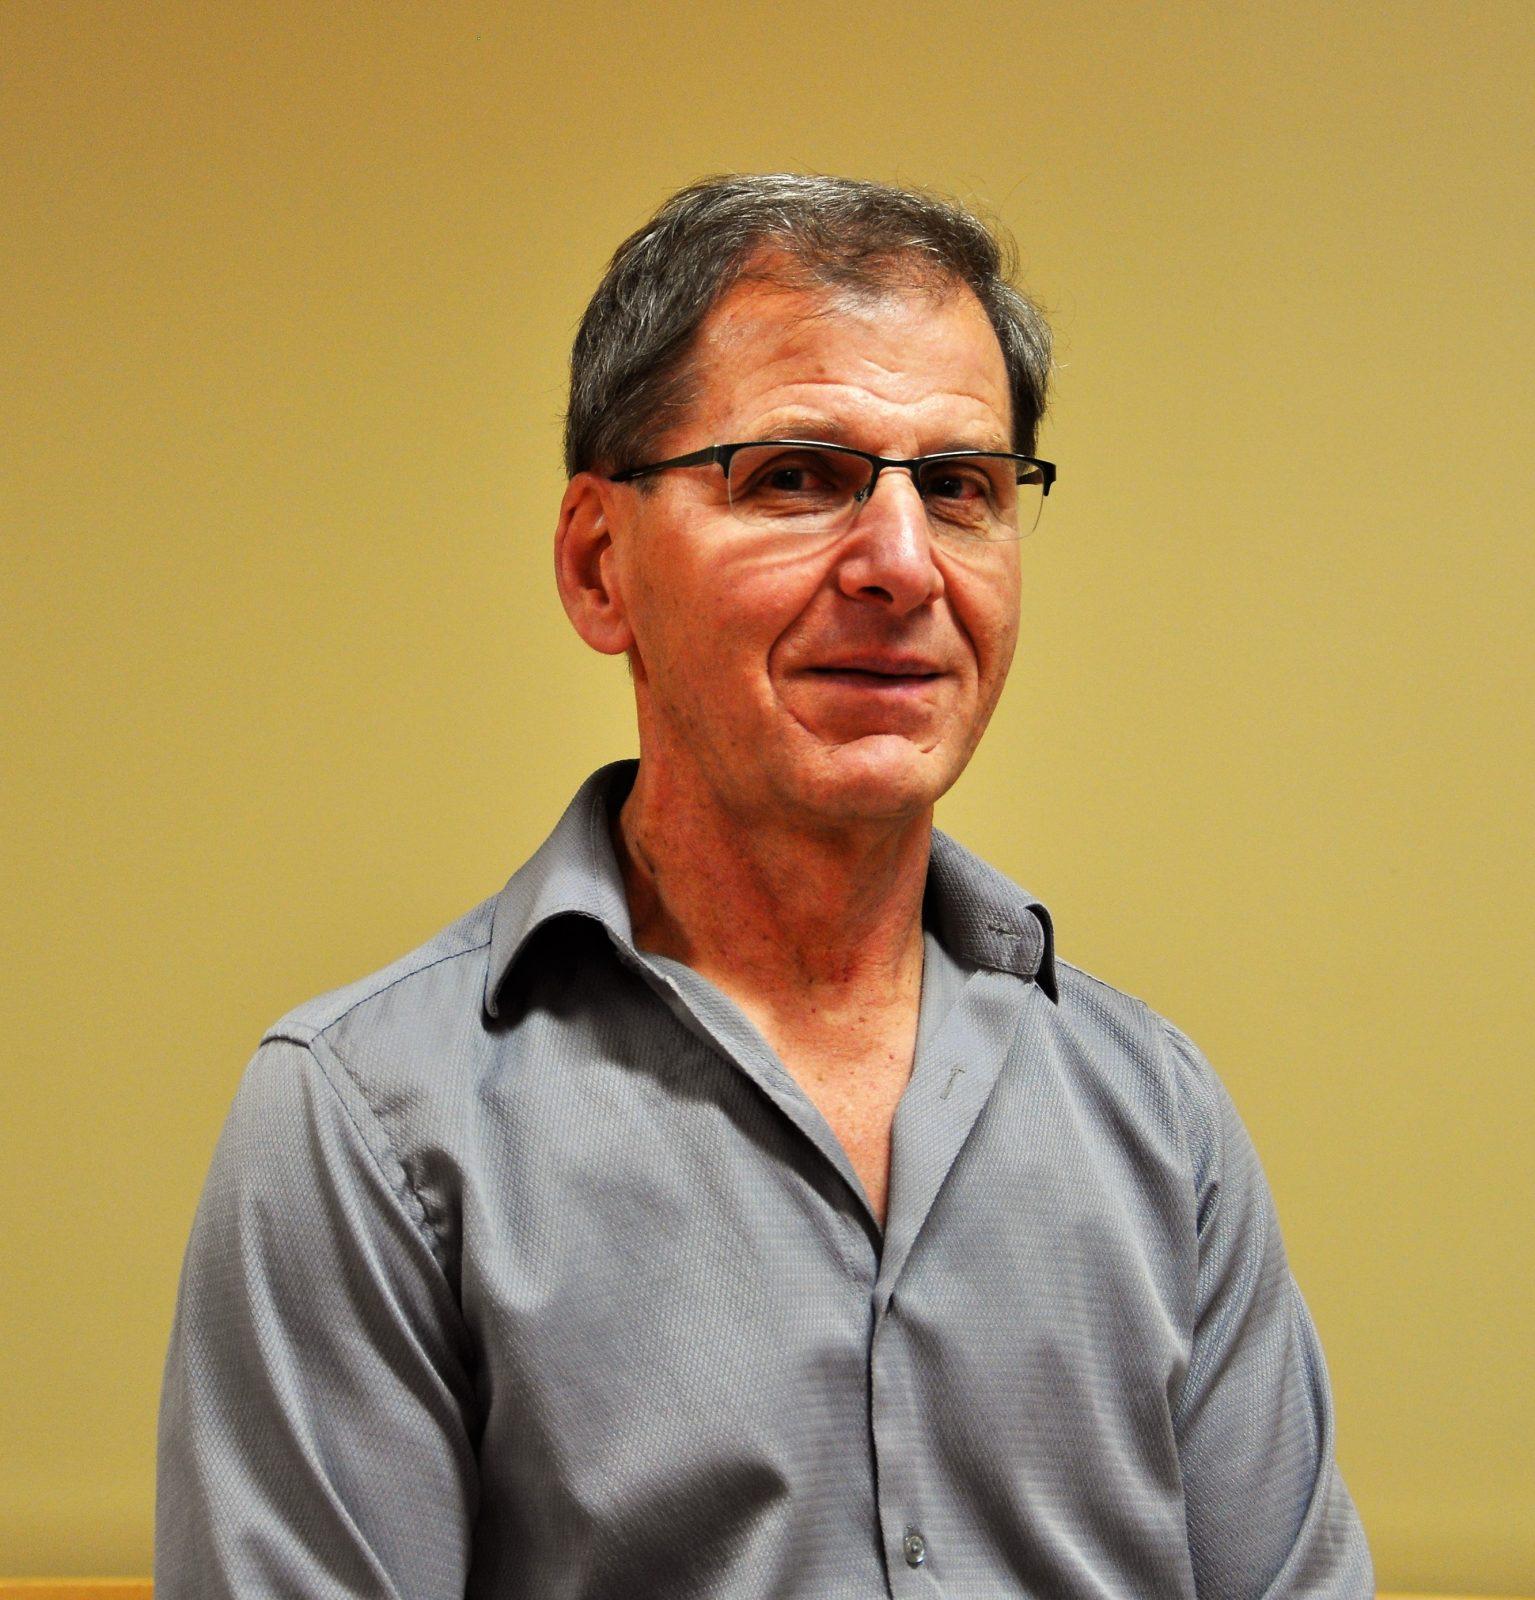 Alain Tremblay devient le 2e candidat dans la course à la mairie de Saint-Thomas-Didyme